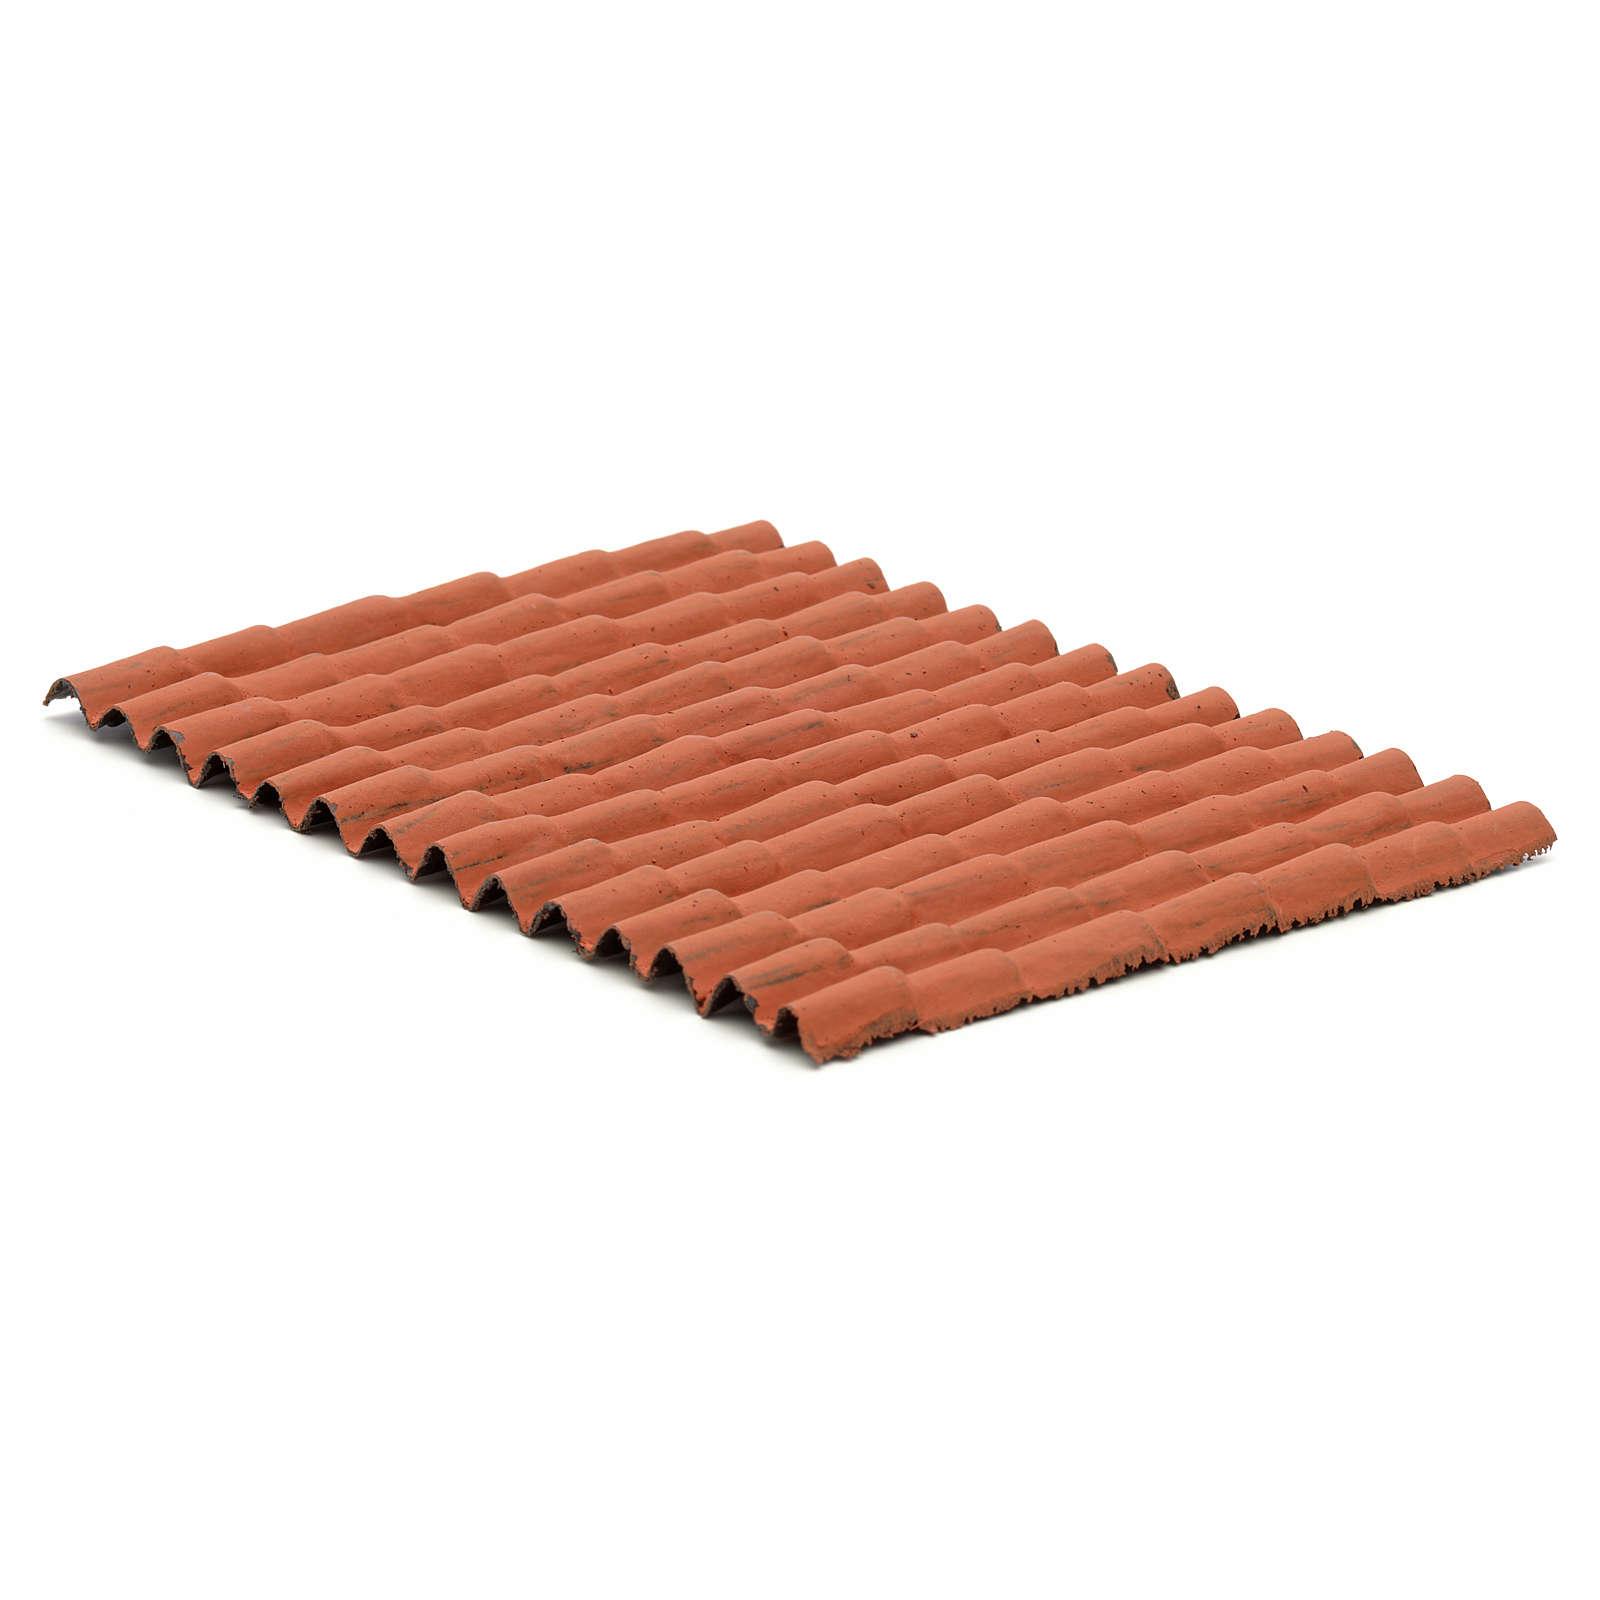 Telhado casa presépio: painel telhas vermelhas 12,5x9 cm 4